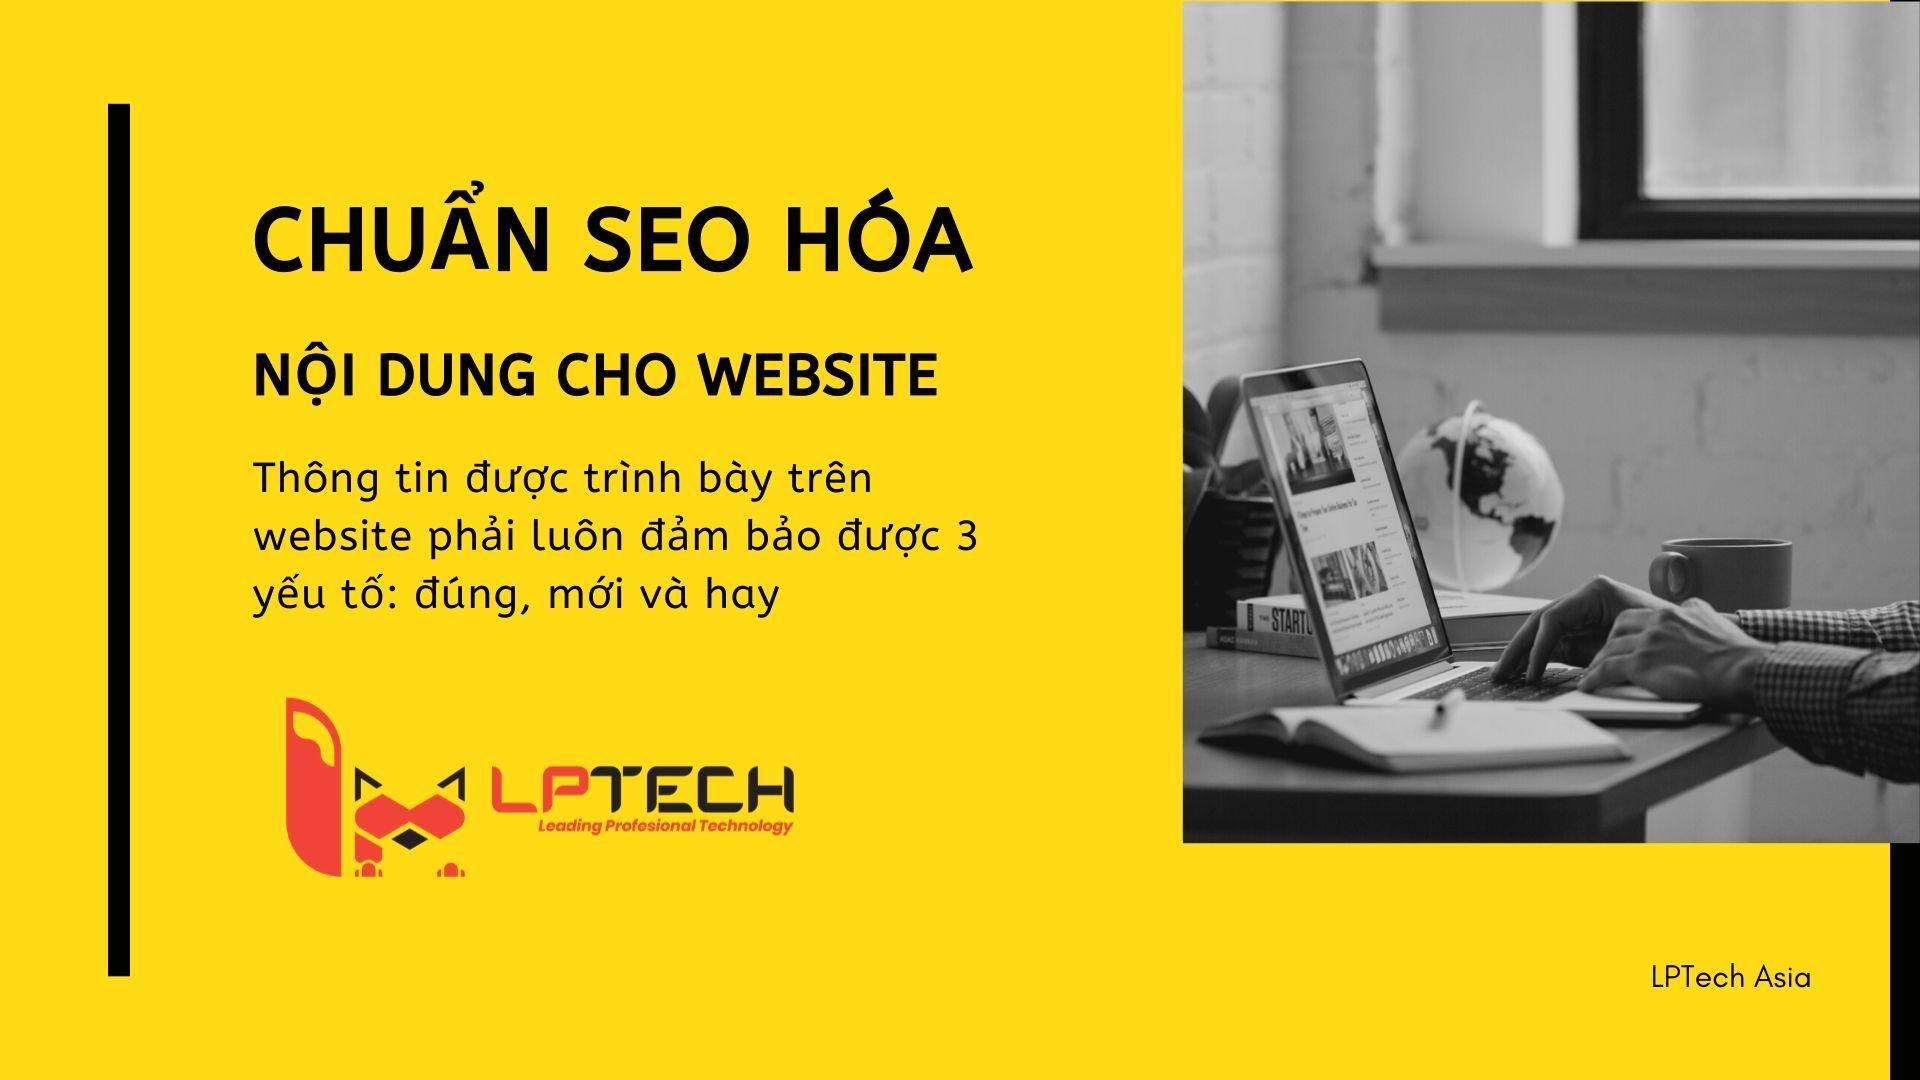 Chuẩn SEO hóa nội dung cho website